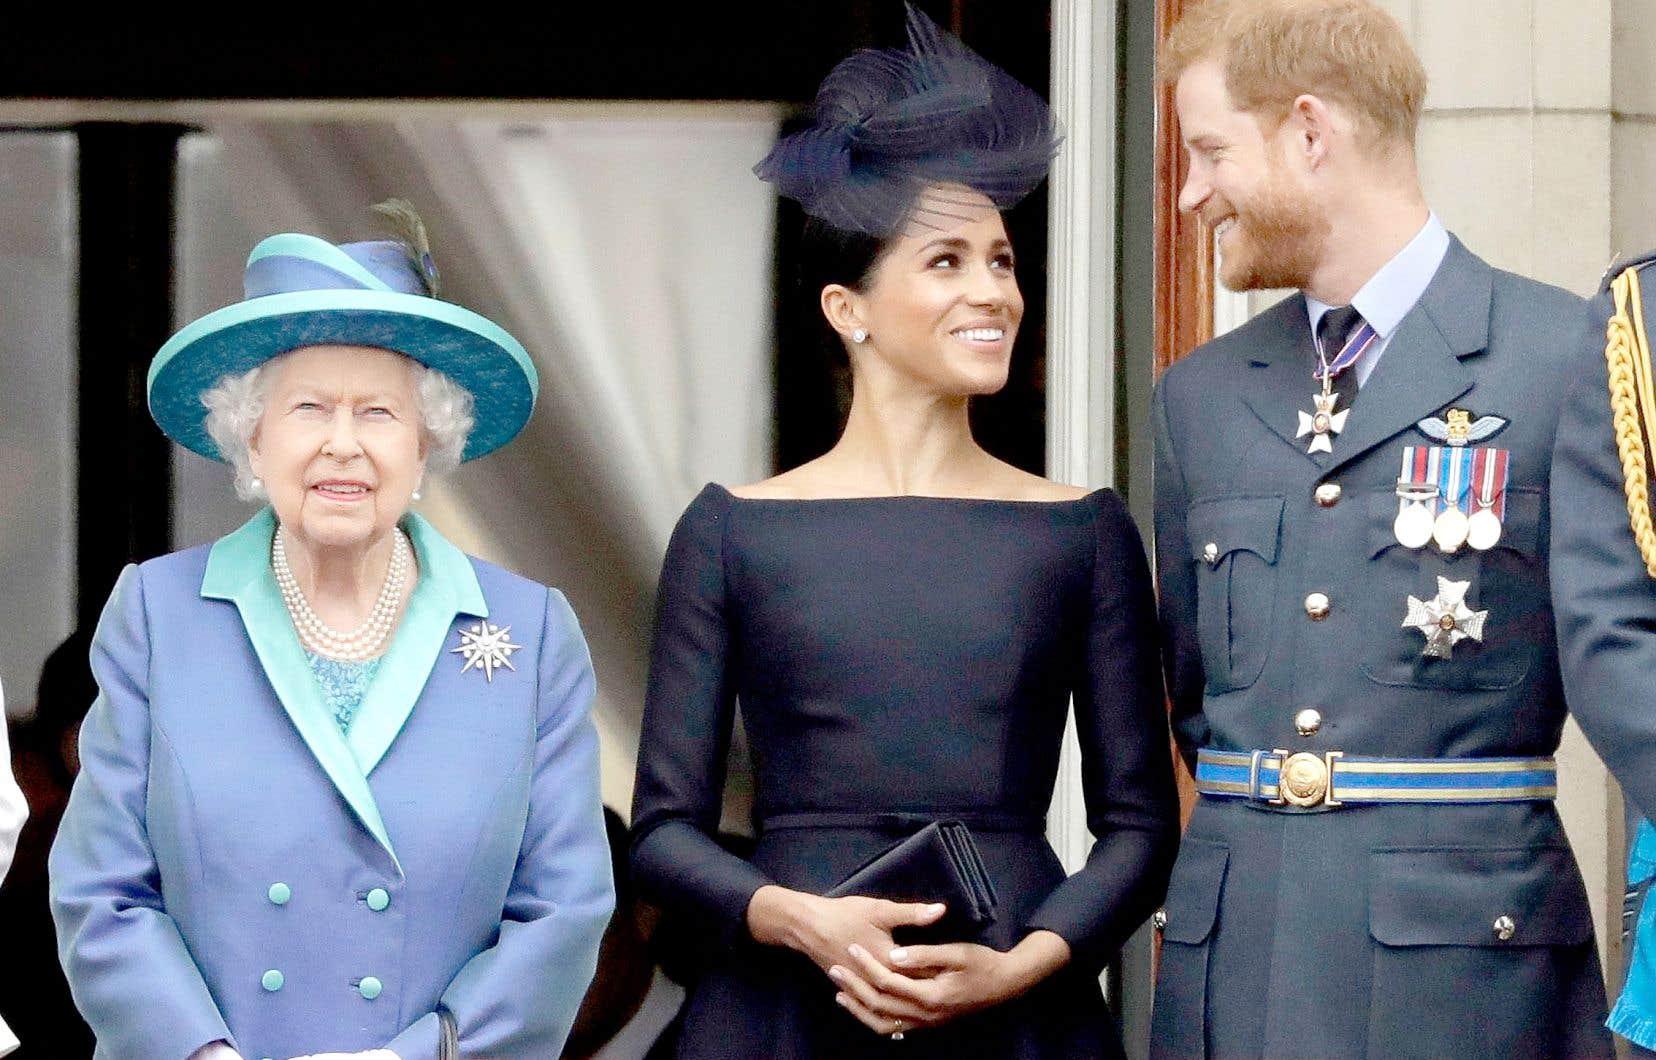 La reine Élisabeth II, la duchesse de Sussex, Meghan Markle, et le Prince Harry lors d'une cérémonie à Buckingham Palace en 2018